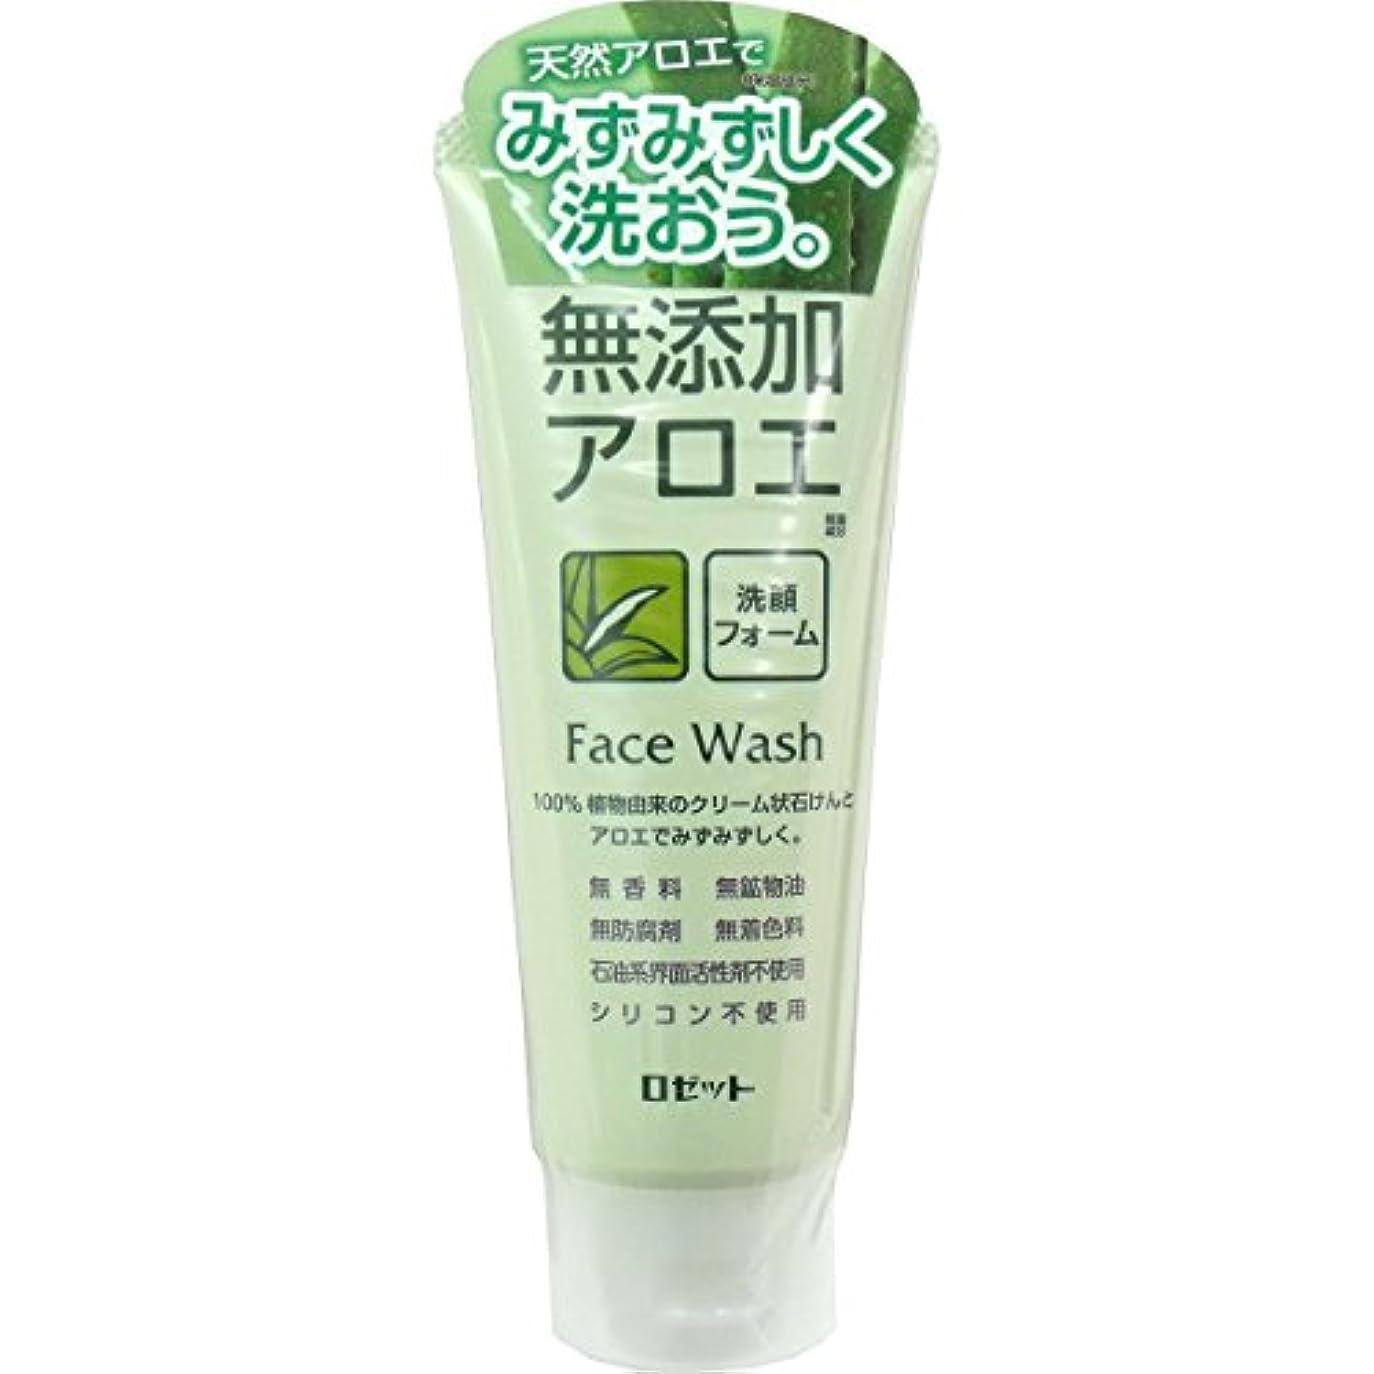 バウンド言い訳桃【ロゼット】無添加アロエ 洗顔フォーム 140g ×20個セット